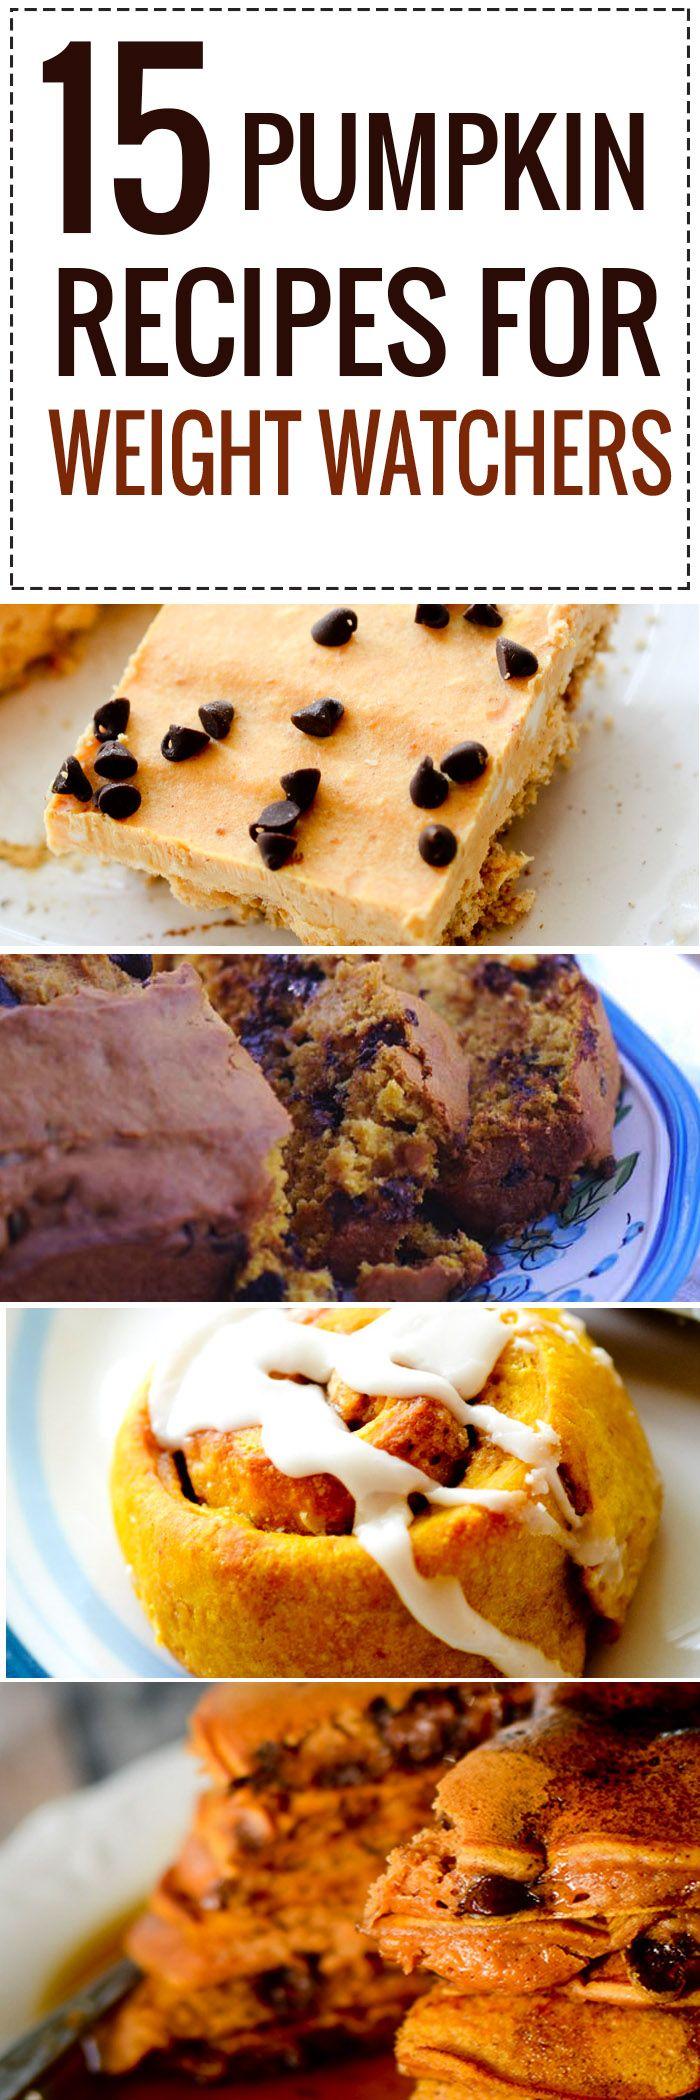 15 Pumpkin Recipes for Weight Watcher's - Recipe Diaries #pumpkin